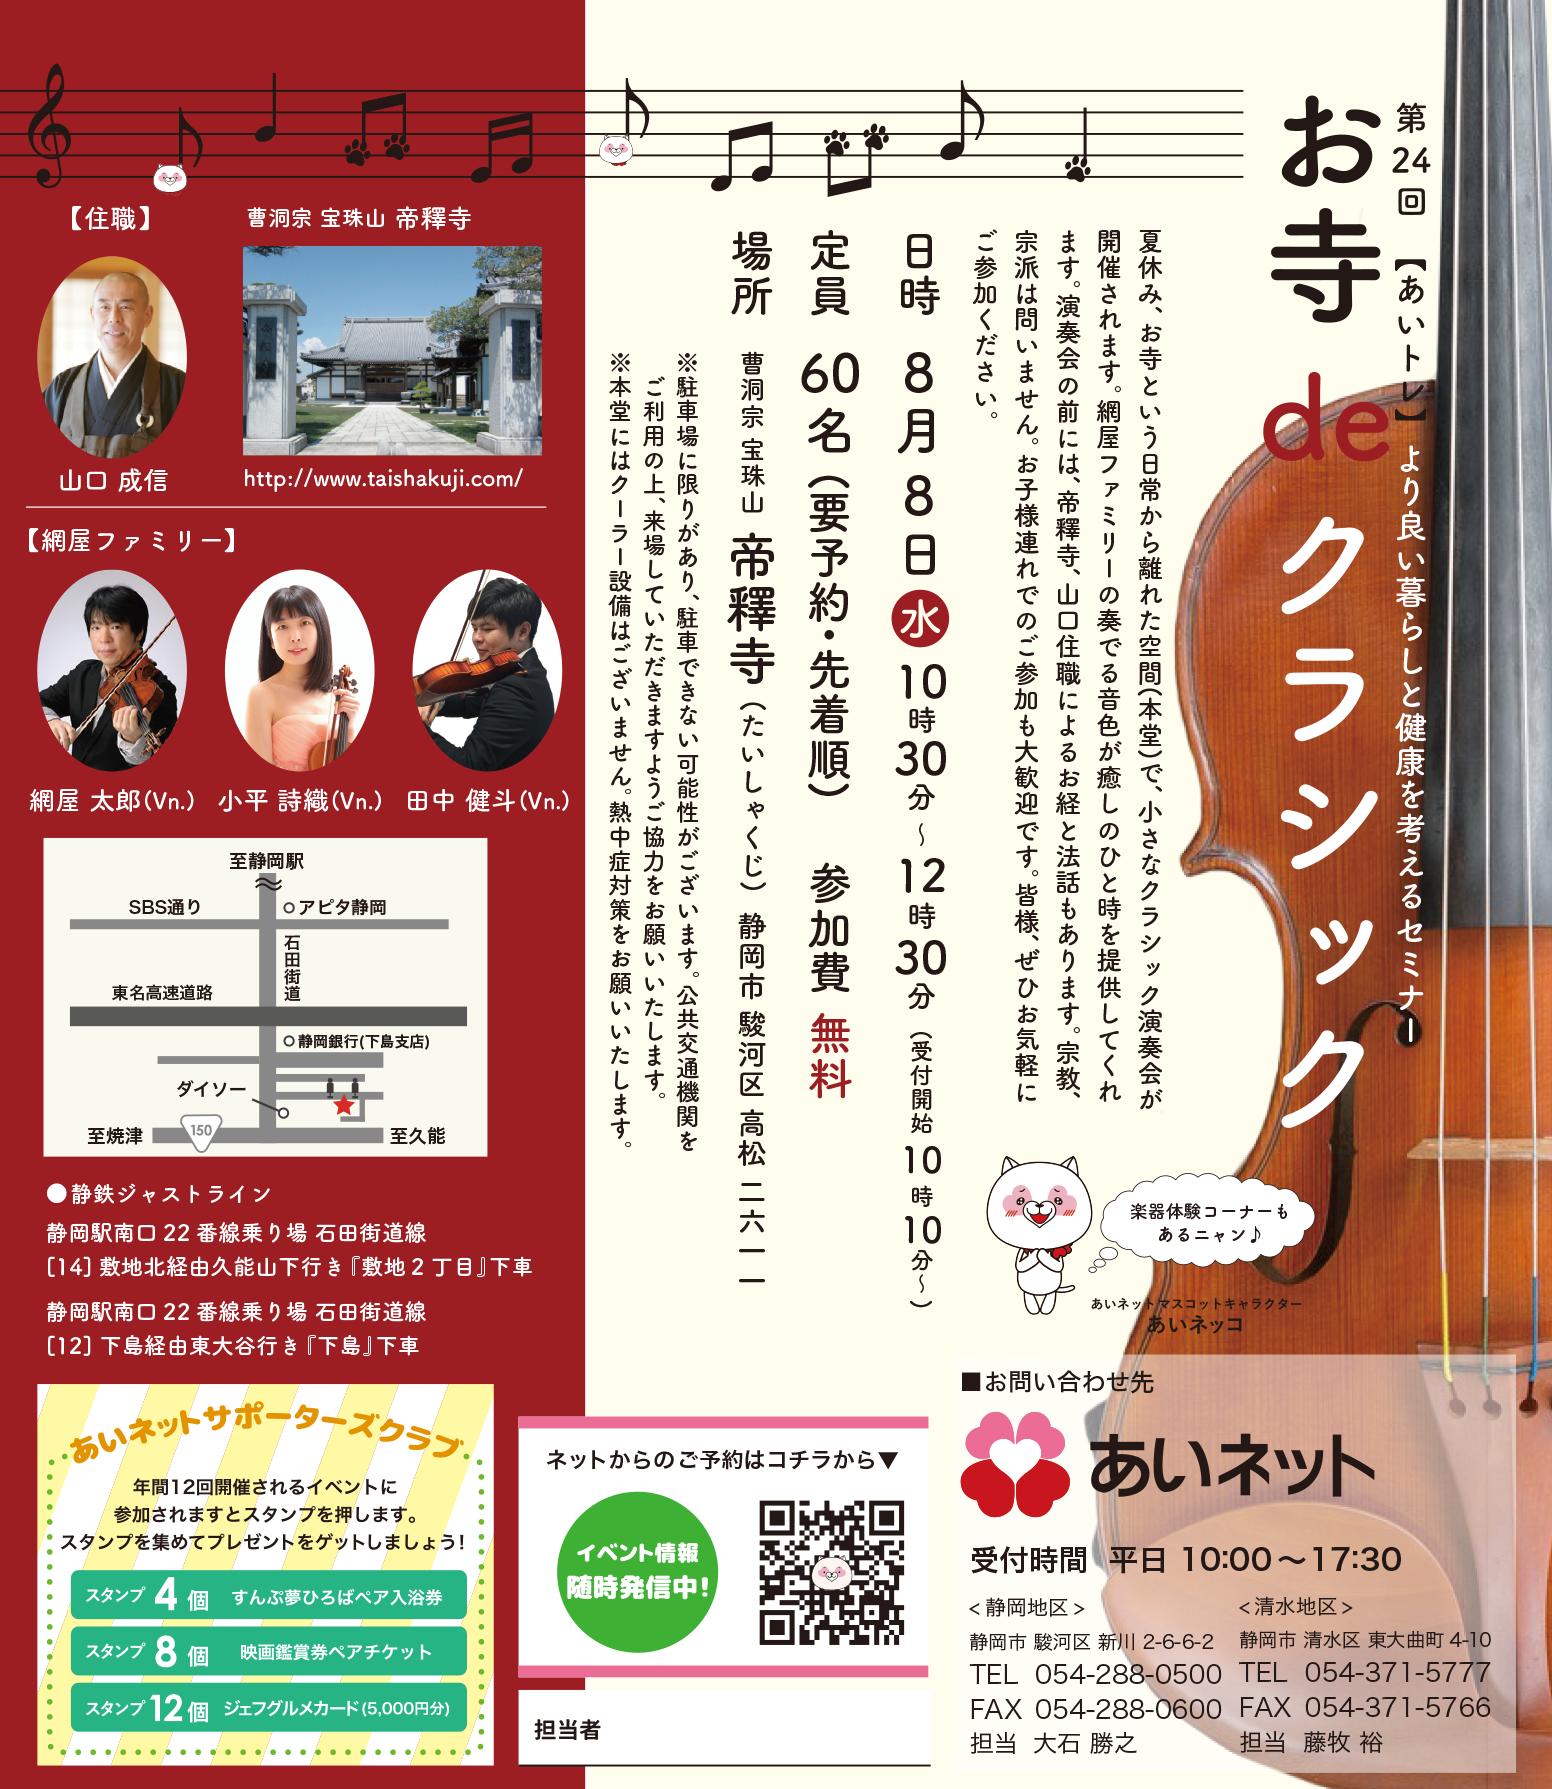 ◆8月【あいトレ】お寺 de クラシック 受付終了